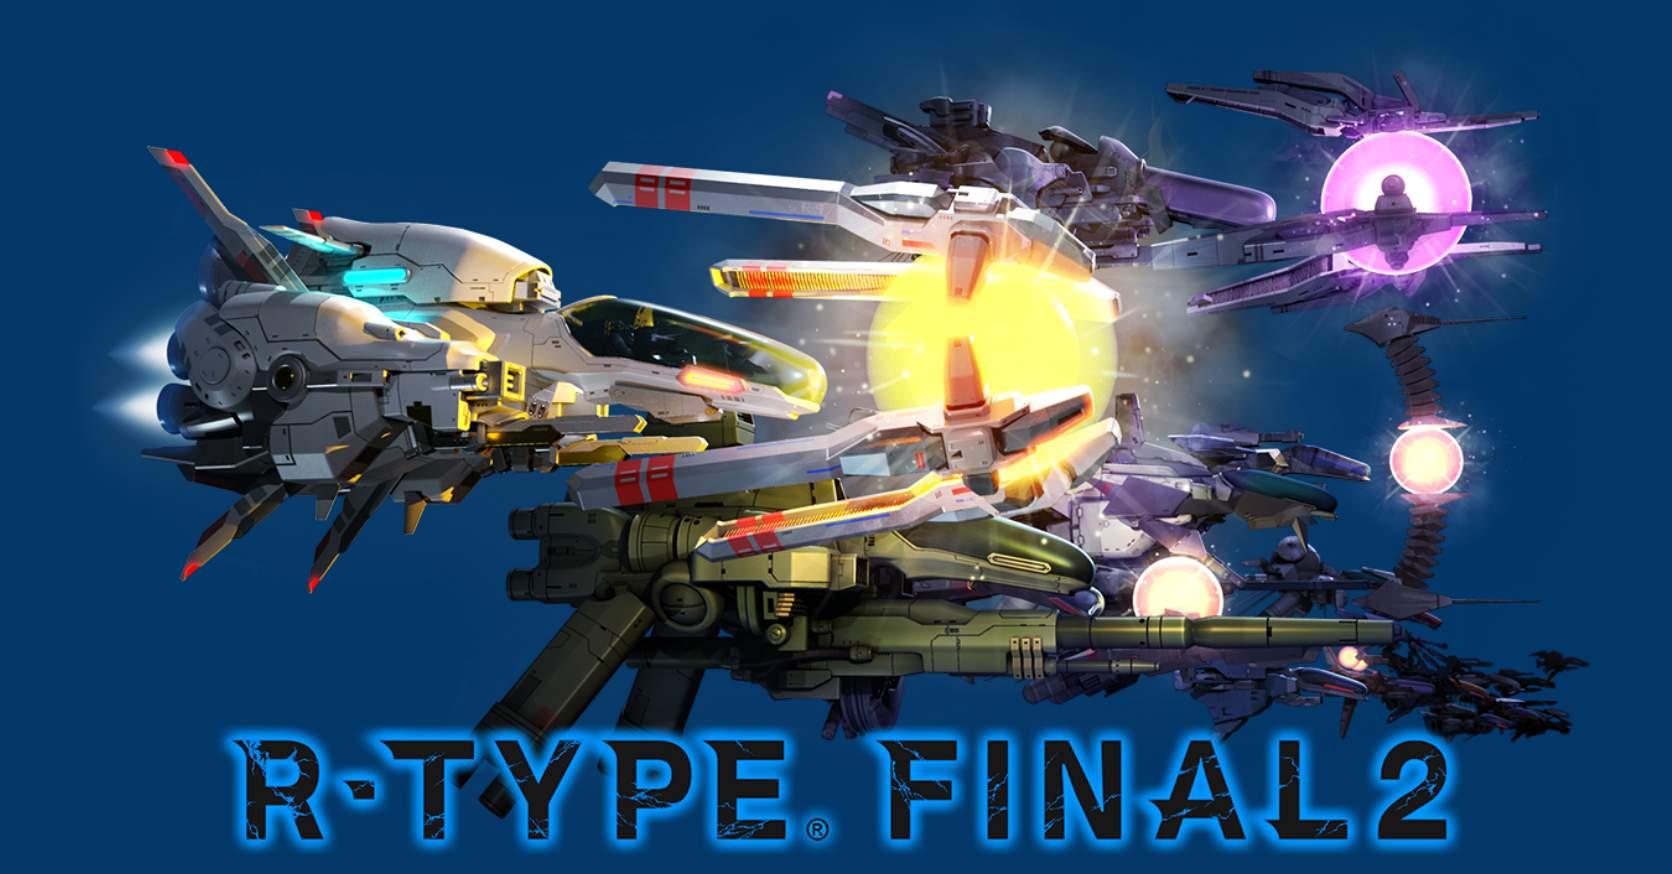 R-Type Final 2 uscirà in Occidente il 30 aprile 2021